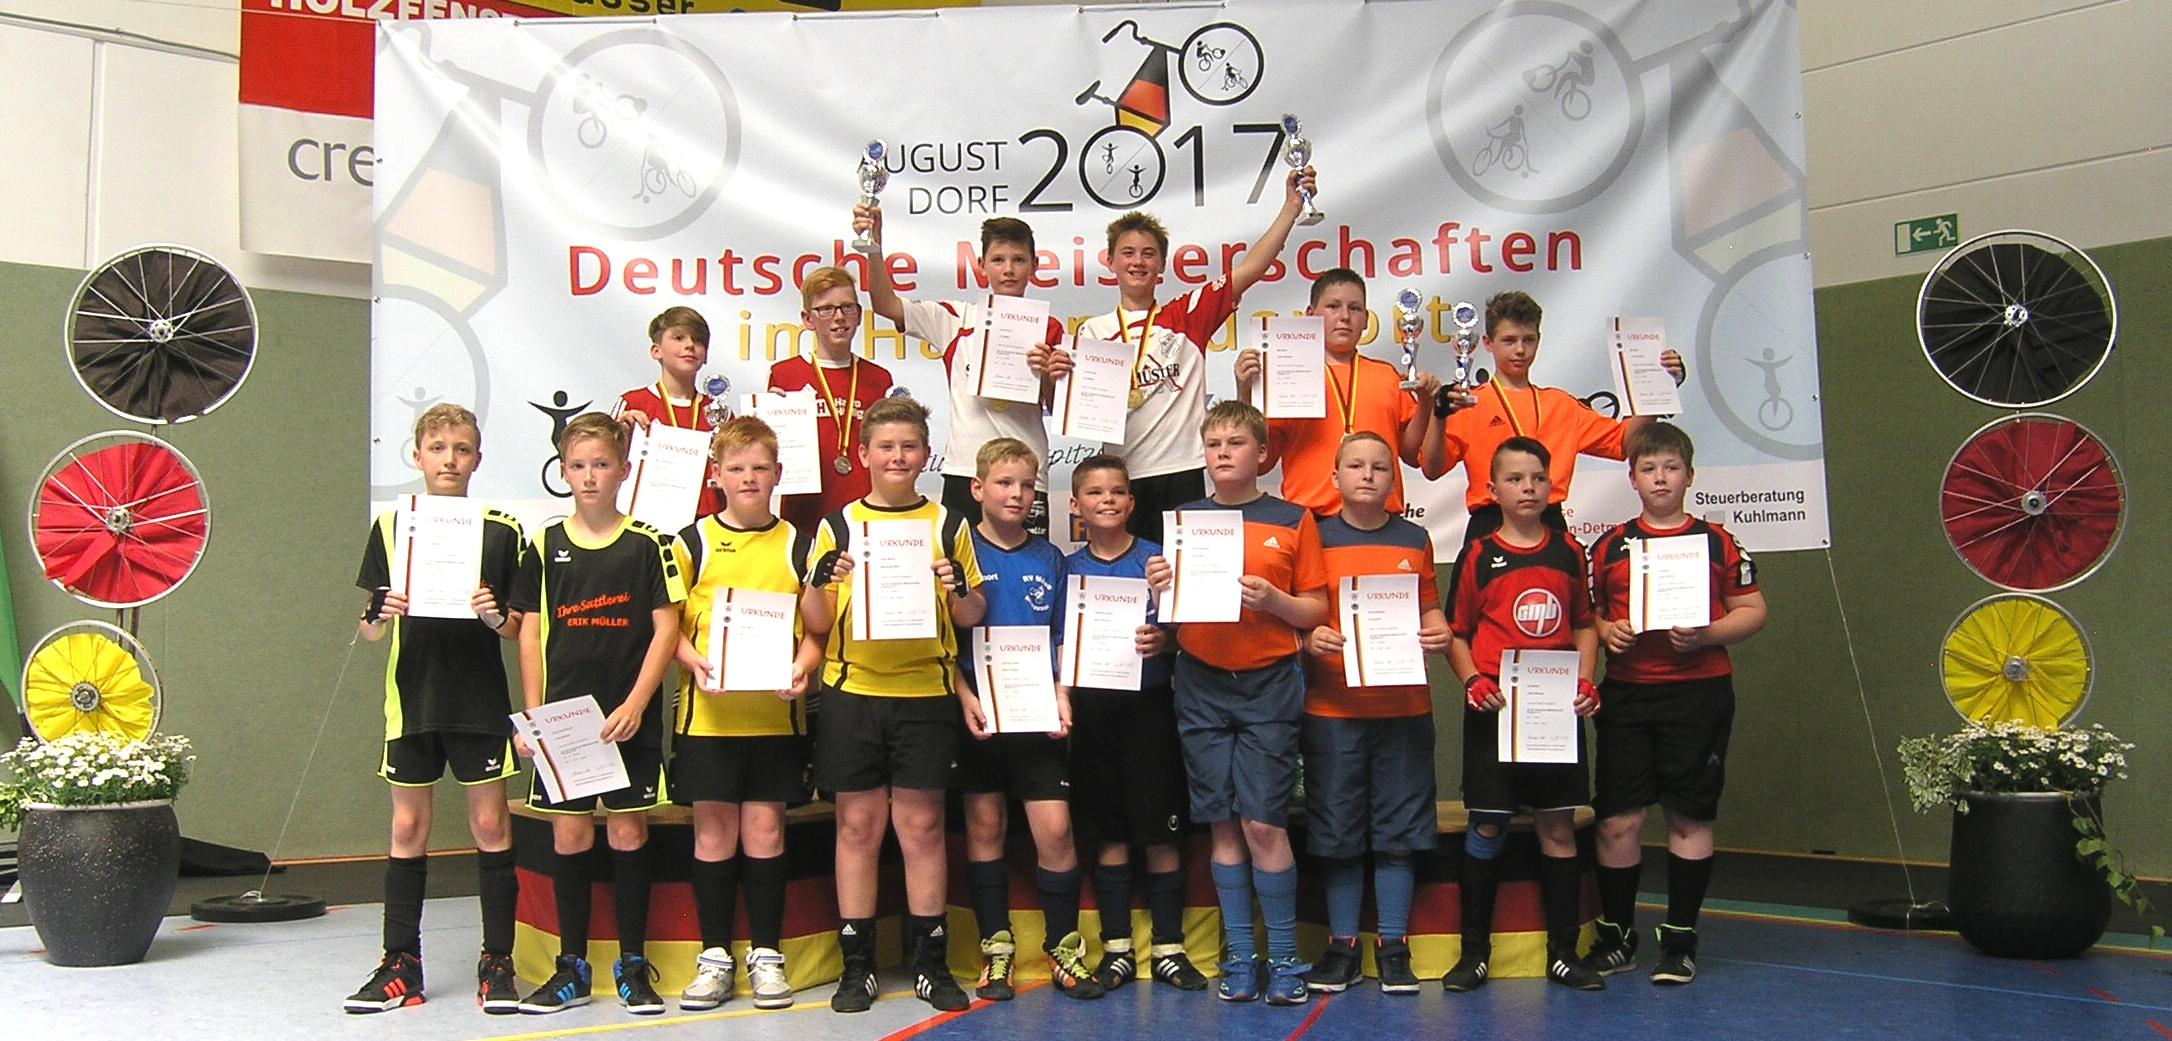 Radball: Koschener Schüler Verpassen Medaille Nur Knapp